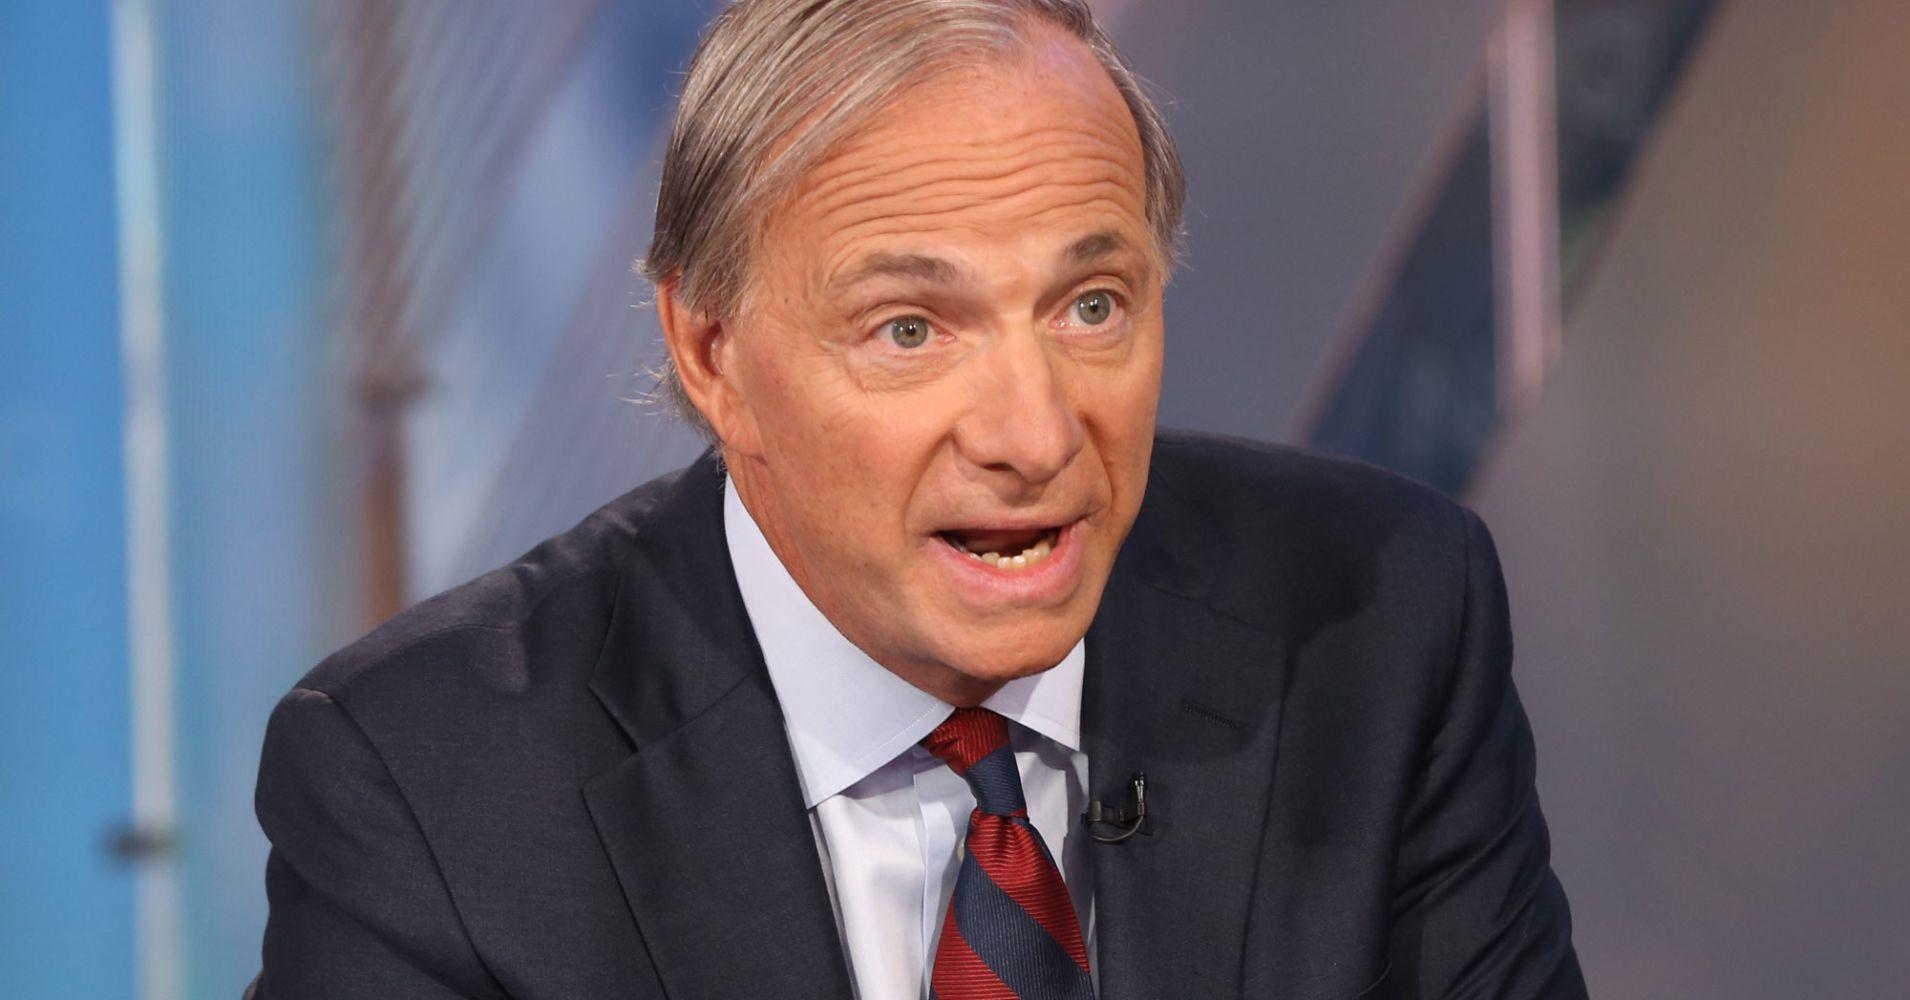 آشنایی با ری دالیو مالک بزرگترین صندوق تامین سرمایه